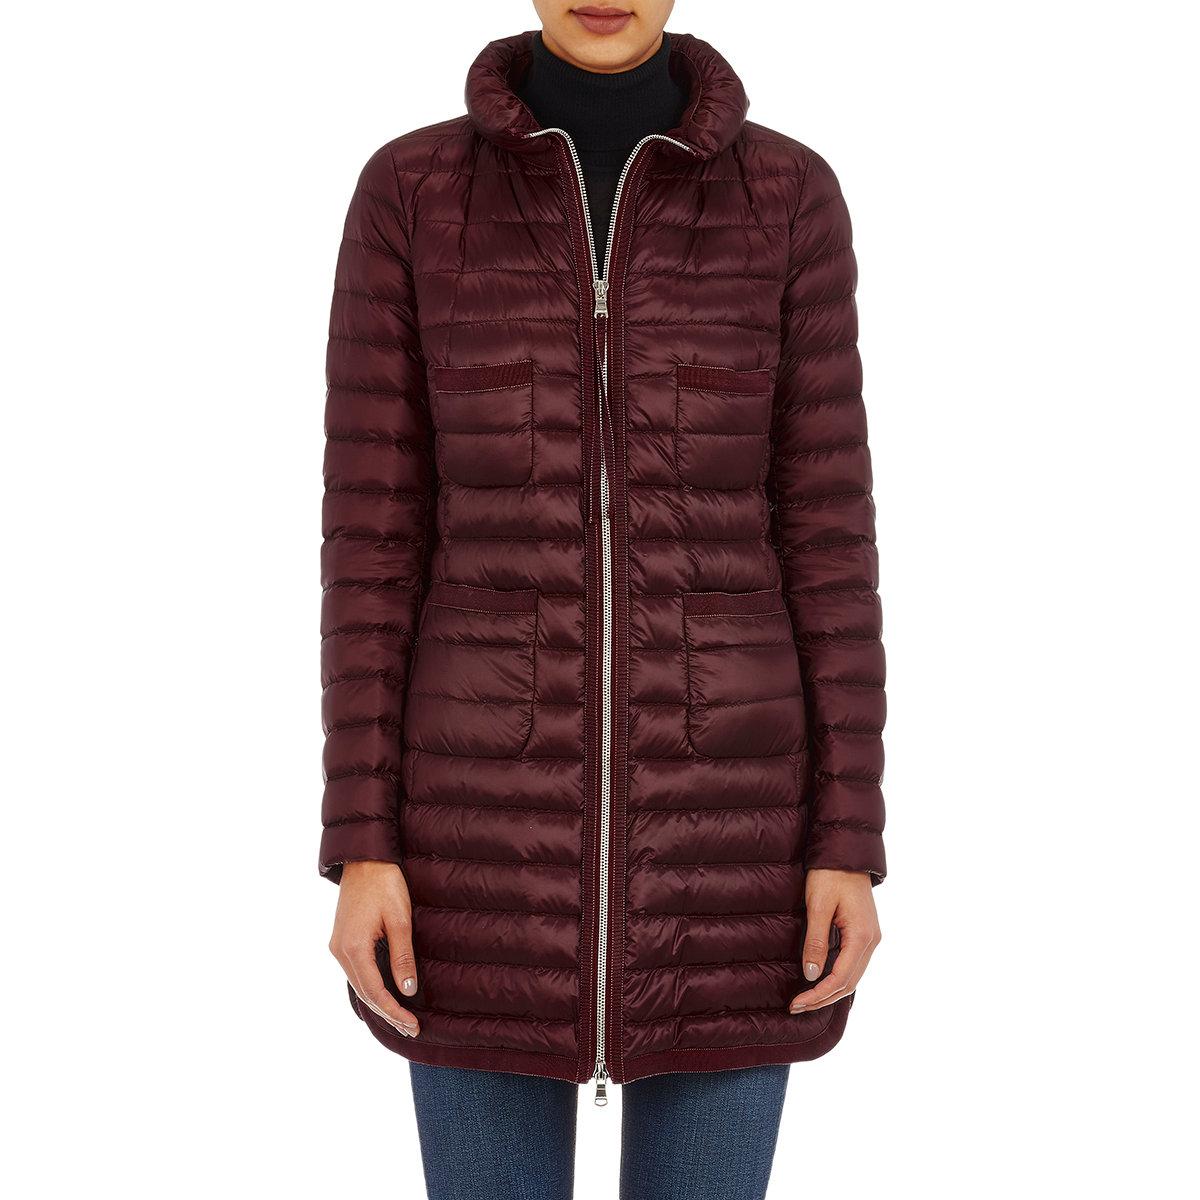 moncler vests mens quilt guild for sale. Black Bedroom Furniture Sets. Home Design Ideas